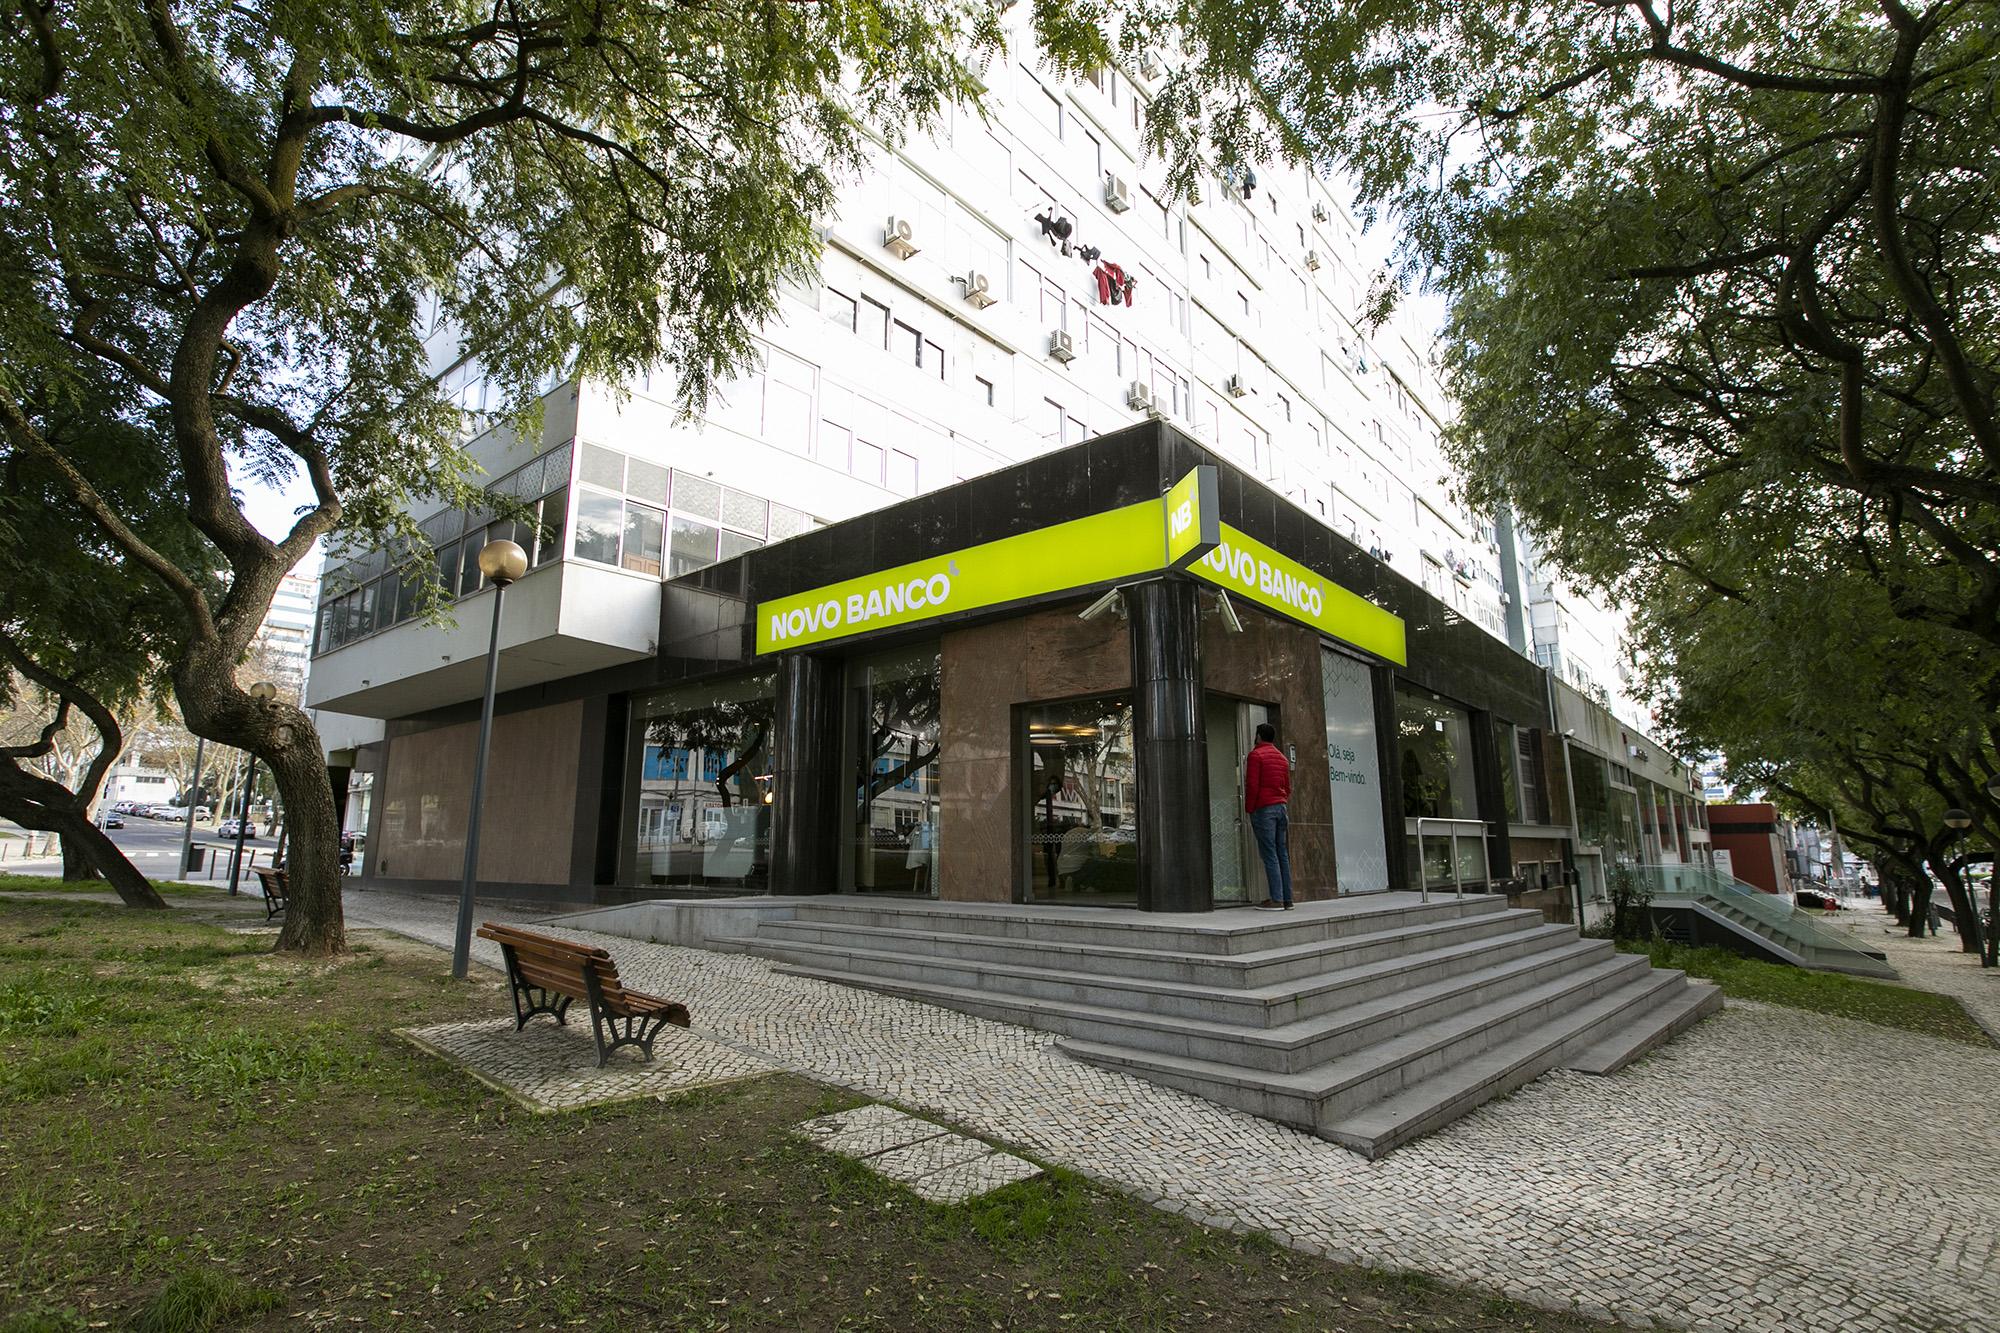 Balcão Novo Banco em Benfica - 08JAN21